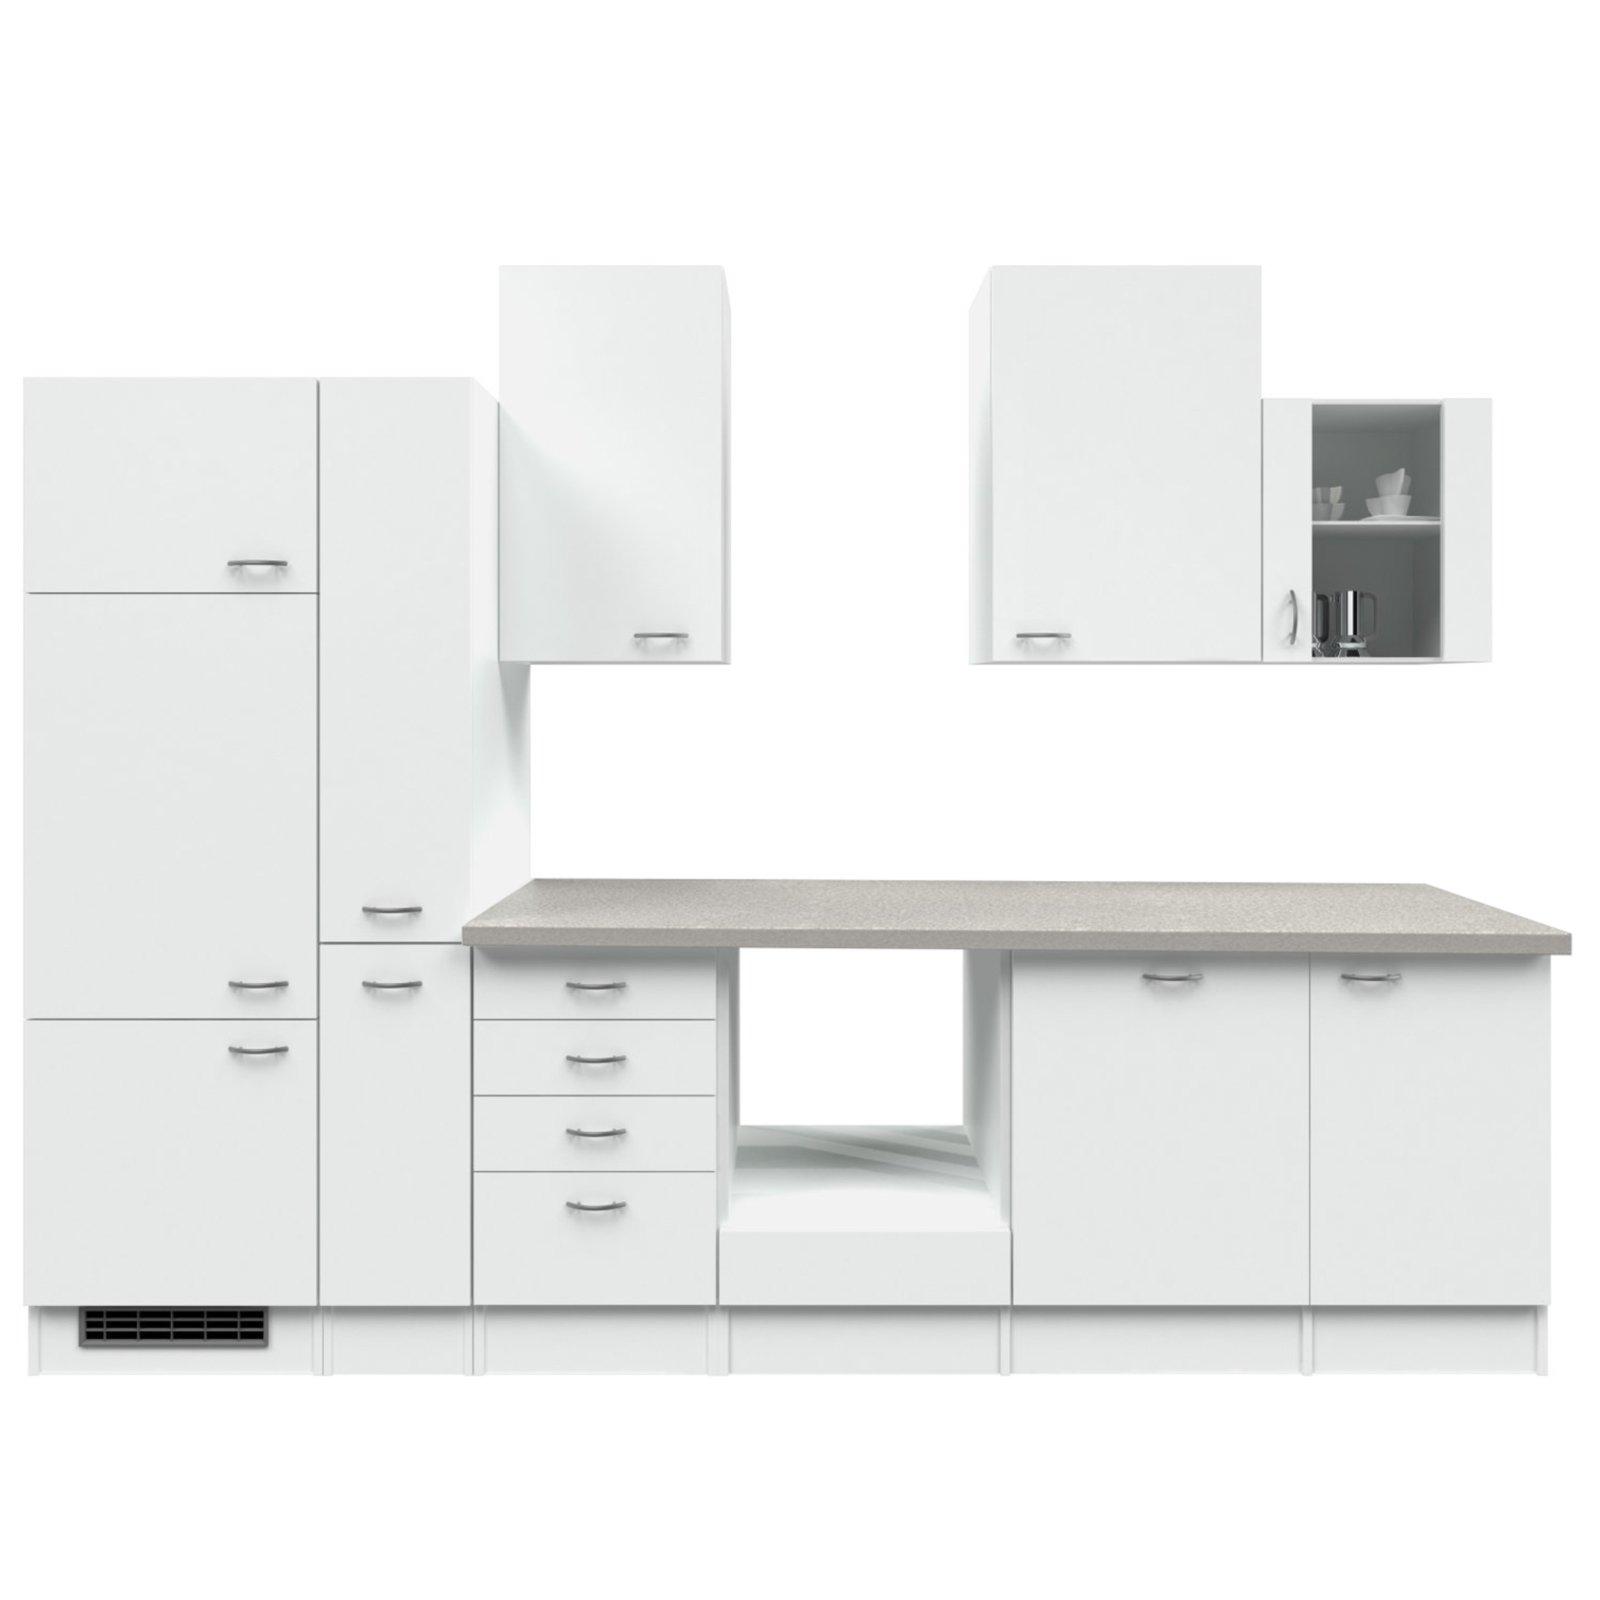 Küchenblock WITO - weiß-grau - 310 cm